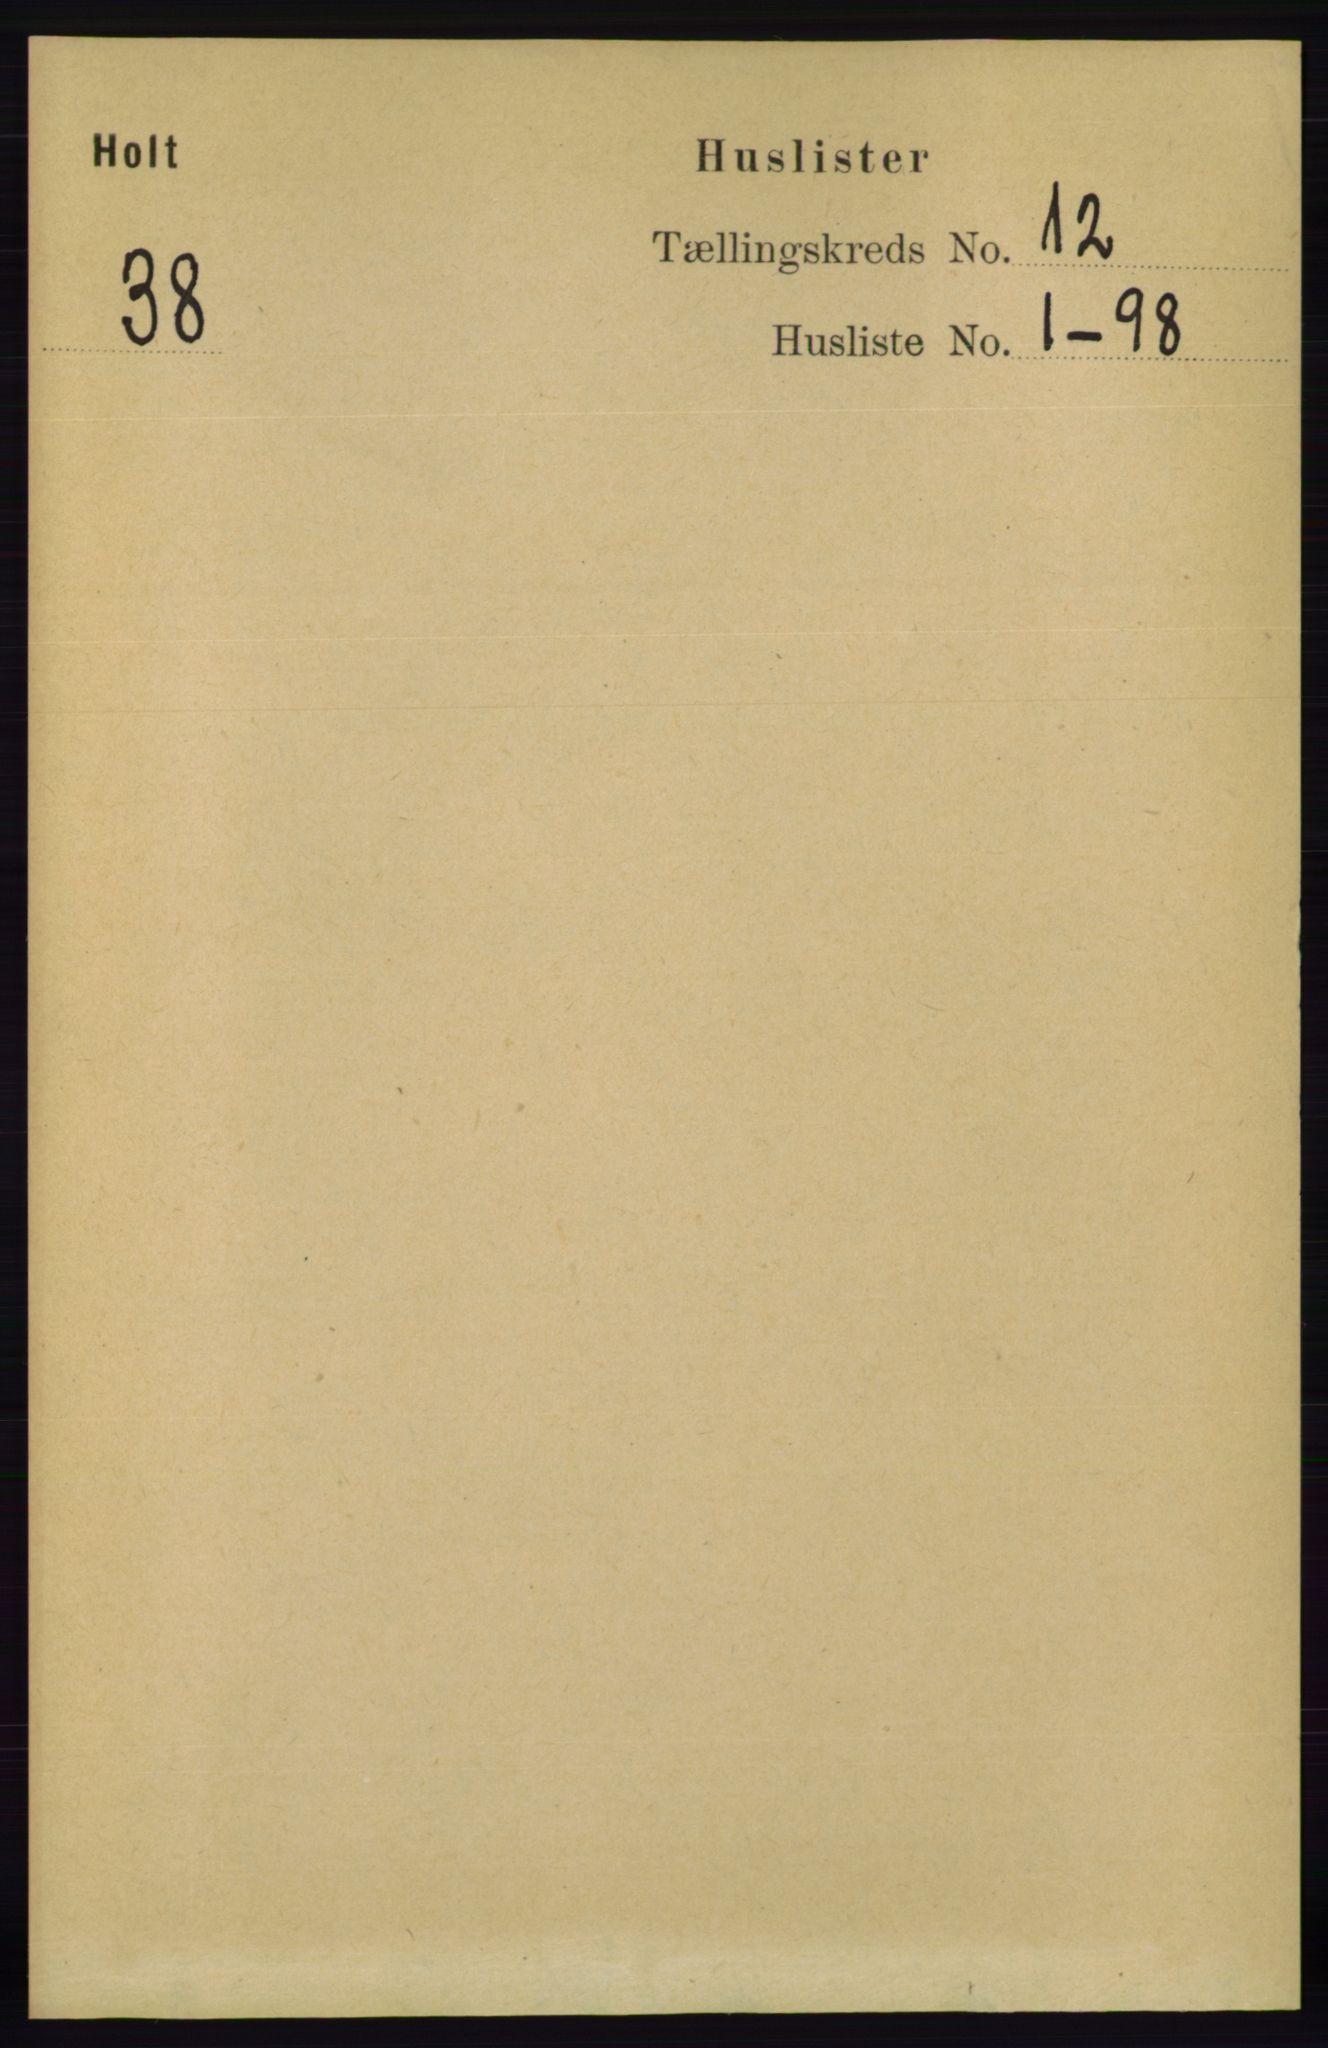 RA, Folketelling 1891 for 0914 Holt herred, 1891, s. 4957